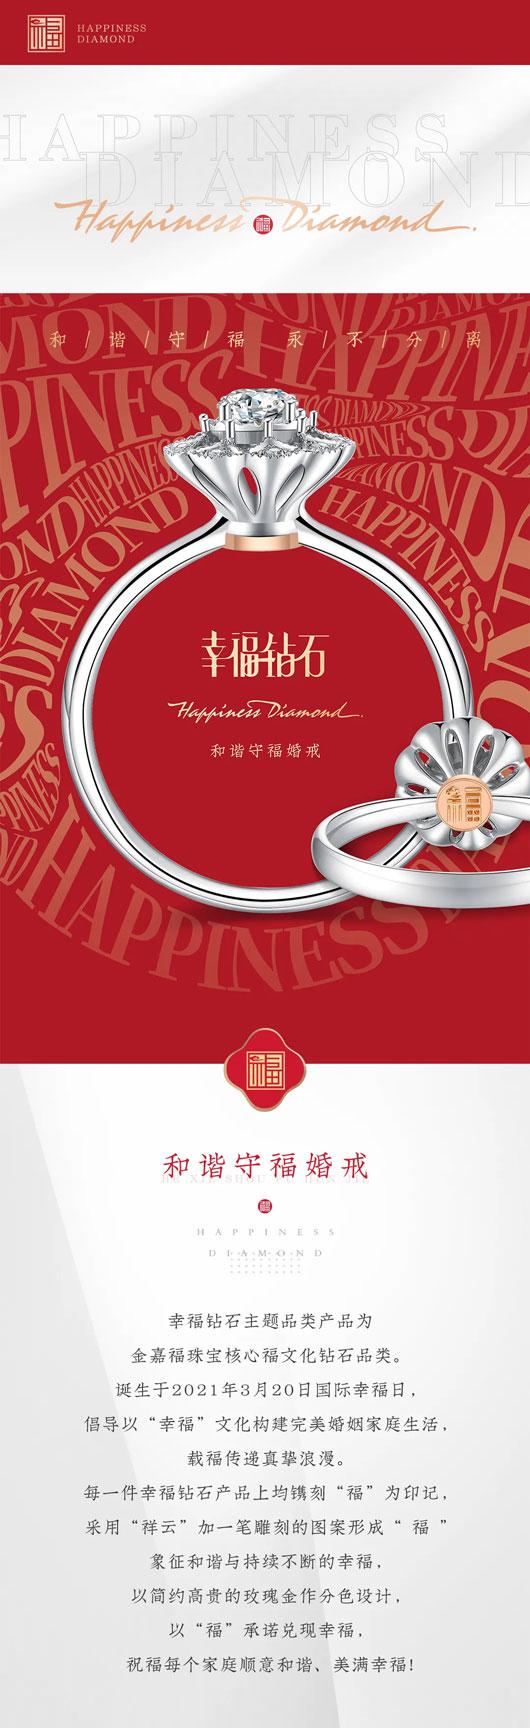 金嘉福珠宝,国际幸福日